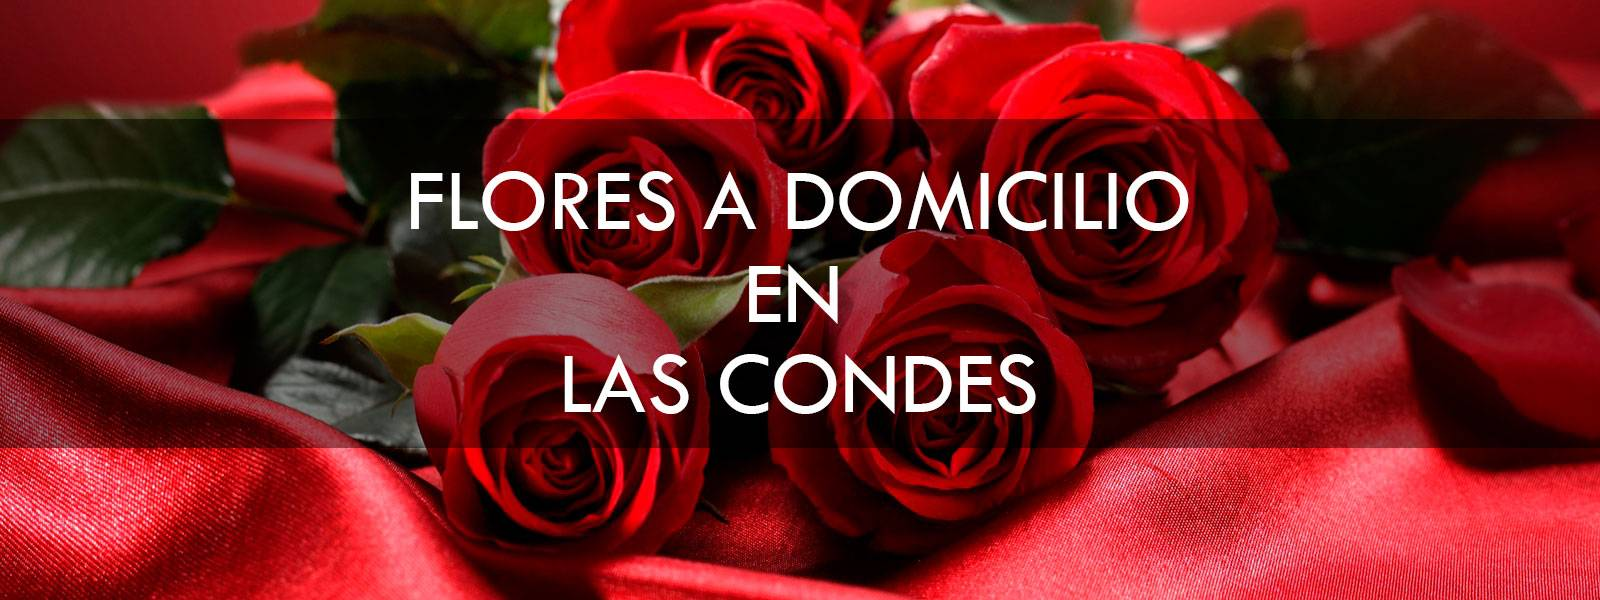 Flores a domicilio en Las Condes